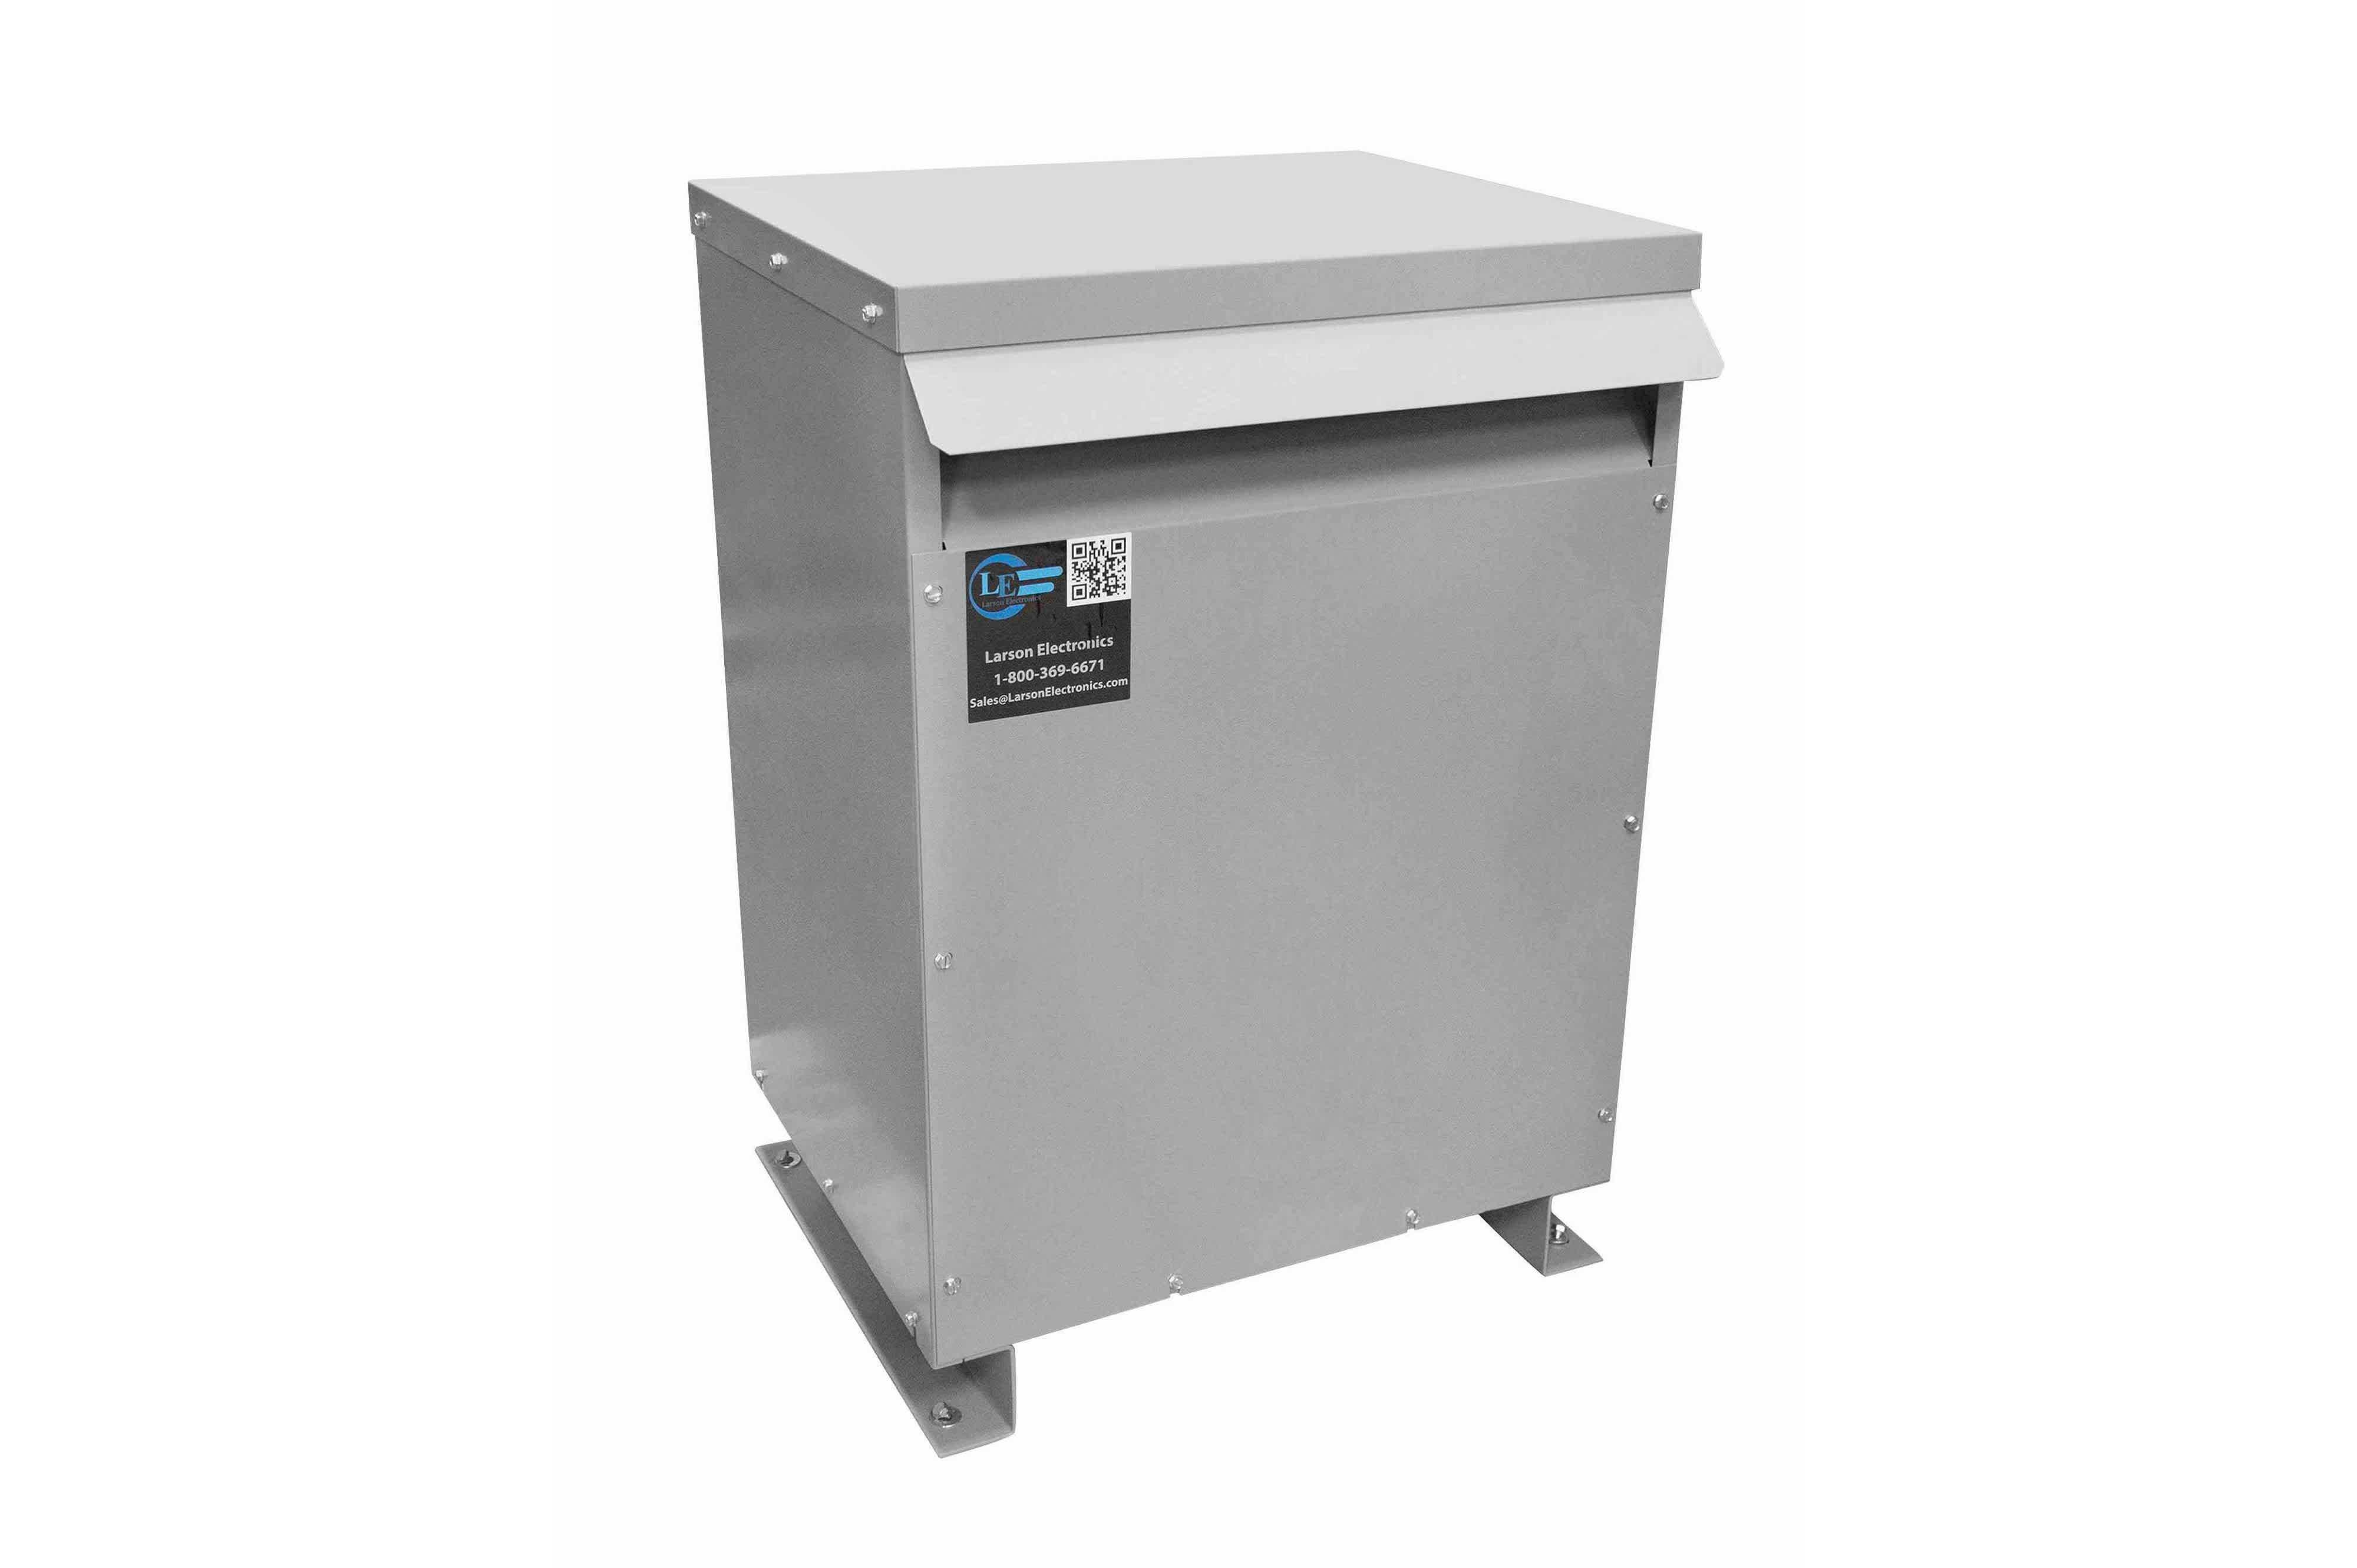 13 kVA 3PH Isolation Transformer, 208V Delta Primary, 208V Delta Secondary, N3R, Ventilated, 60 Hz